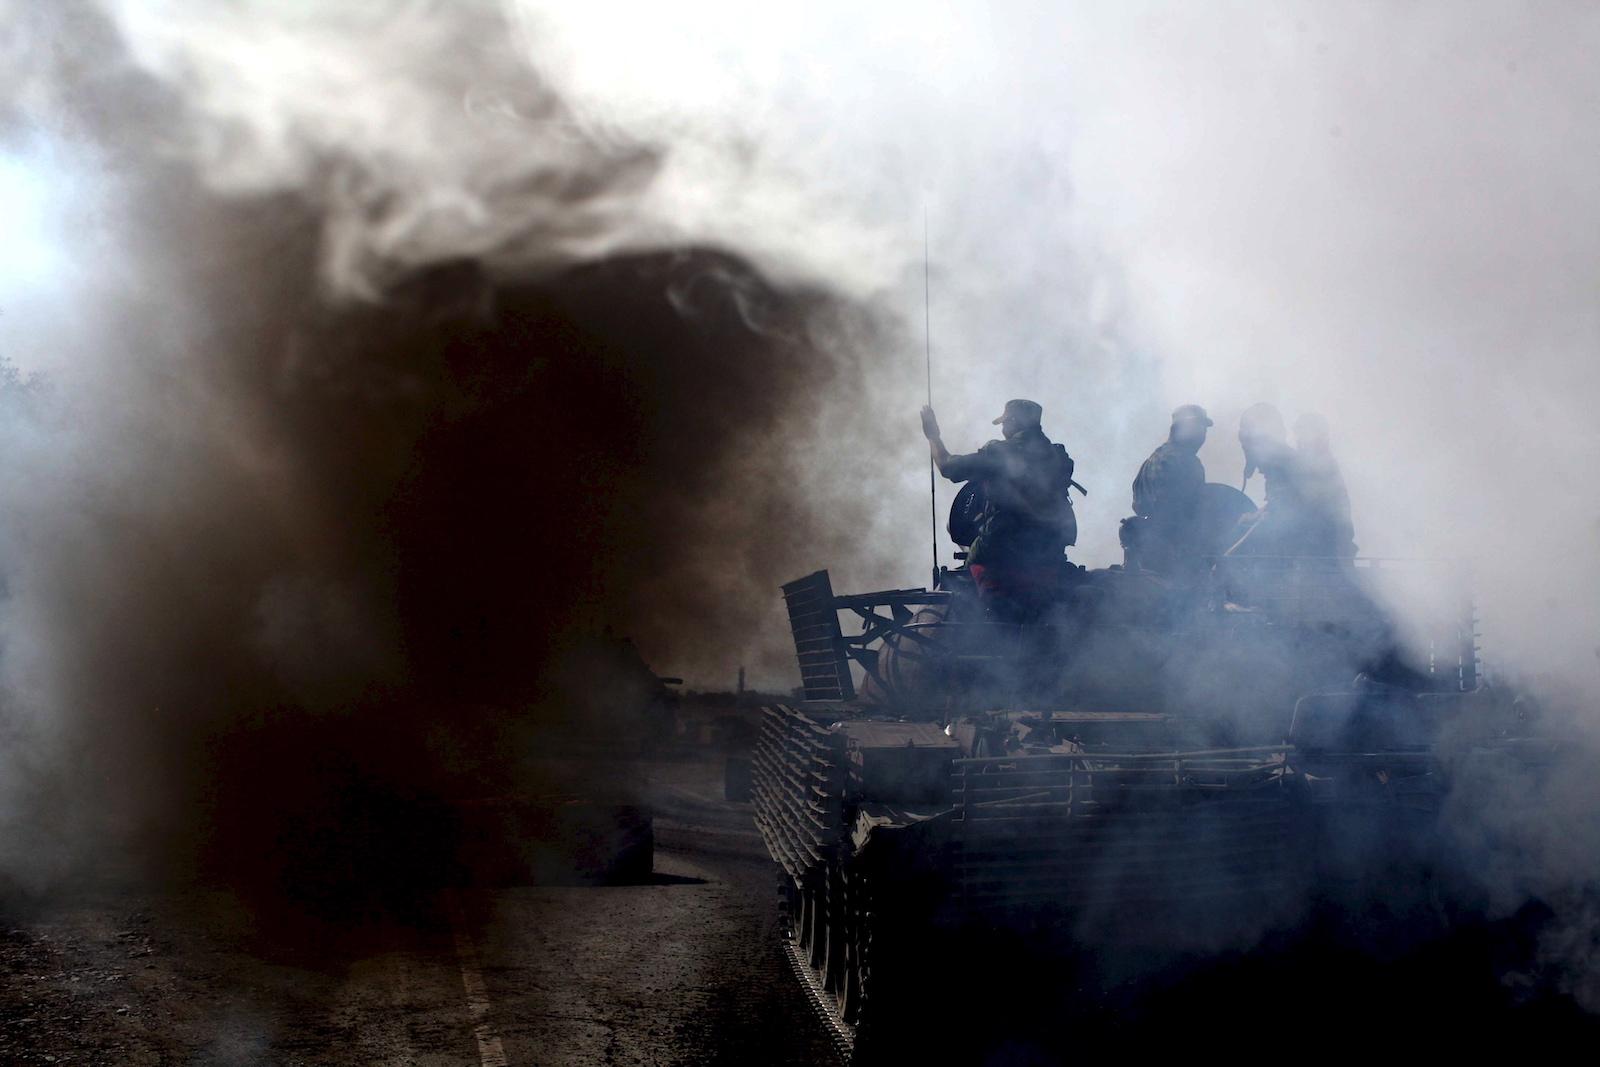 რუსეთის ჯარები გორიდან და იგოეთიდან ცხინვალისკენ ბრუნდებიან © EPA/PAVEL WOLBERG